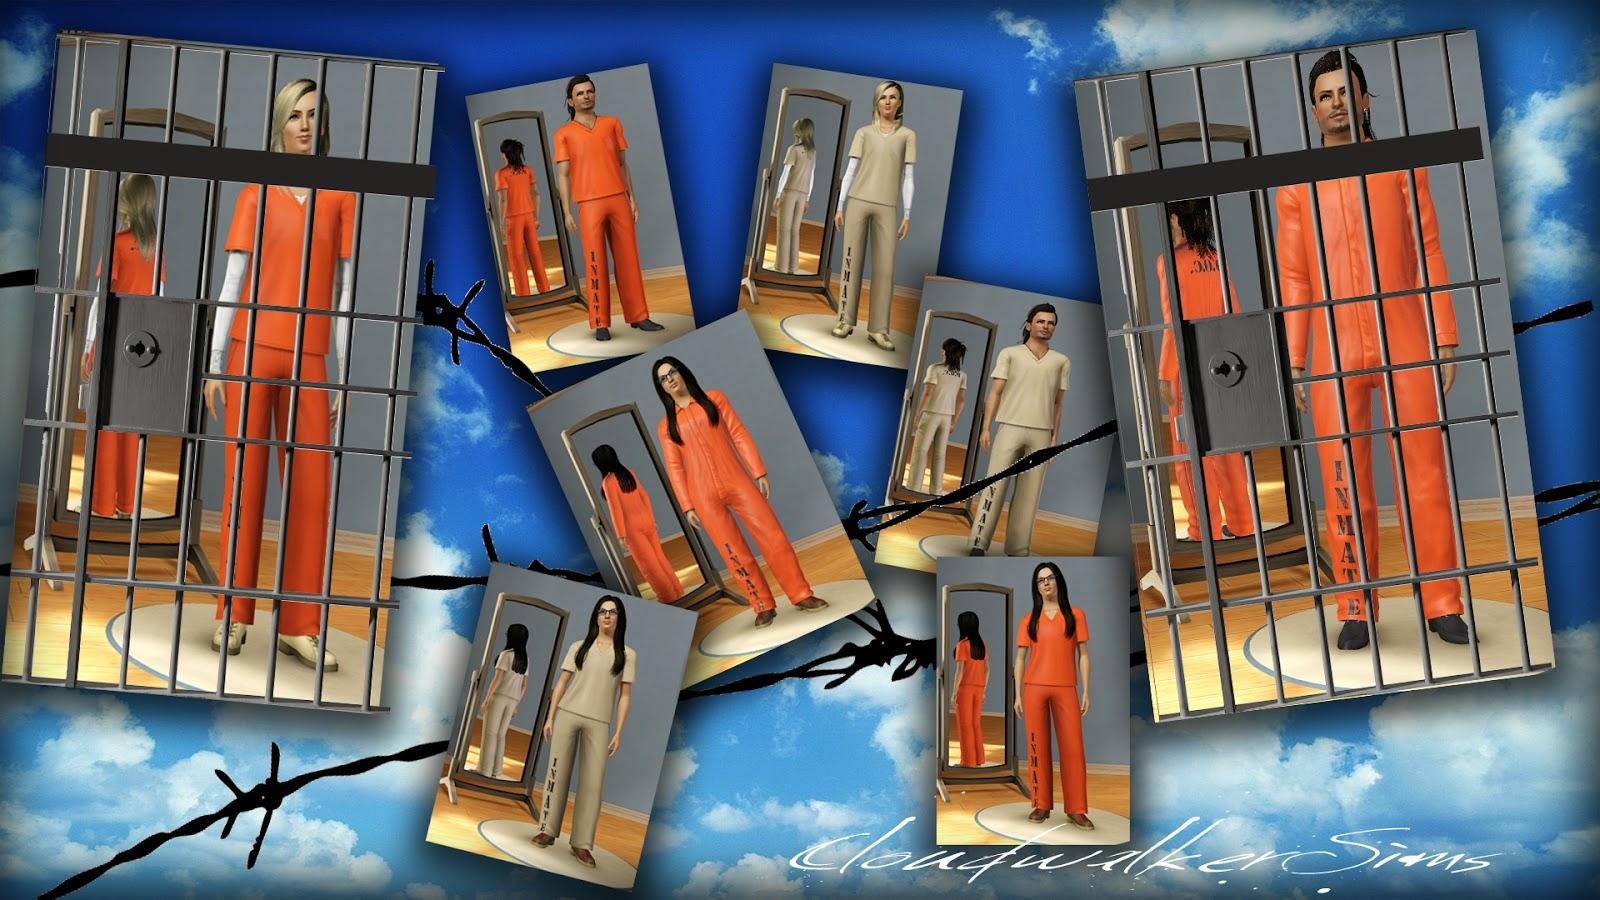 Sims 3 prison clothes